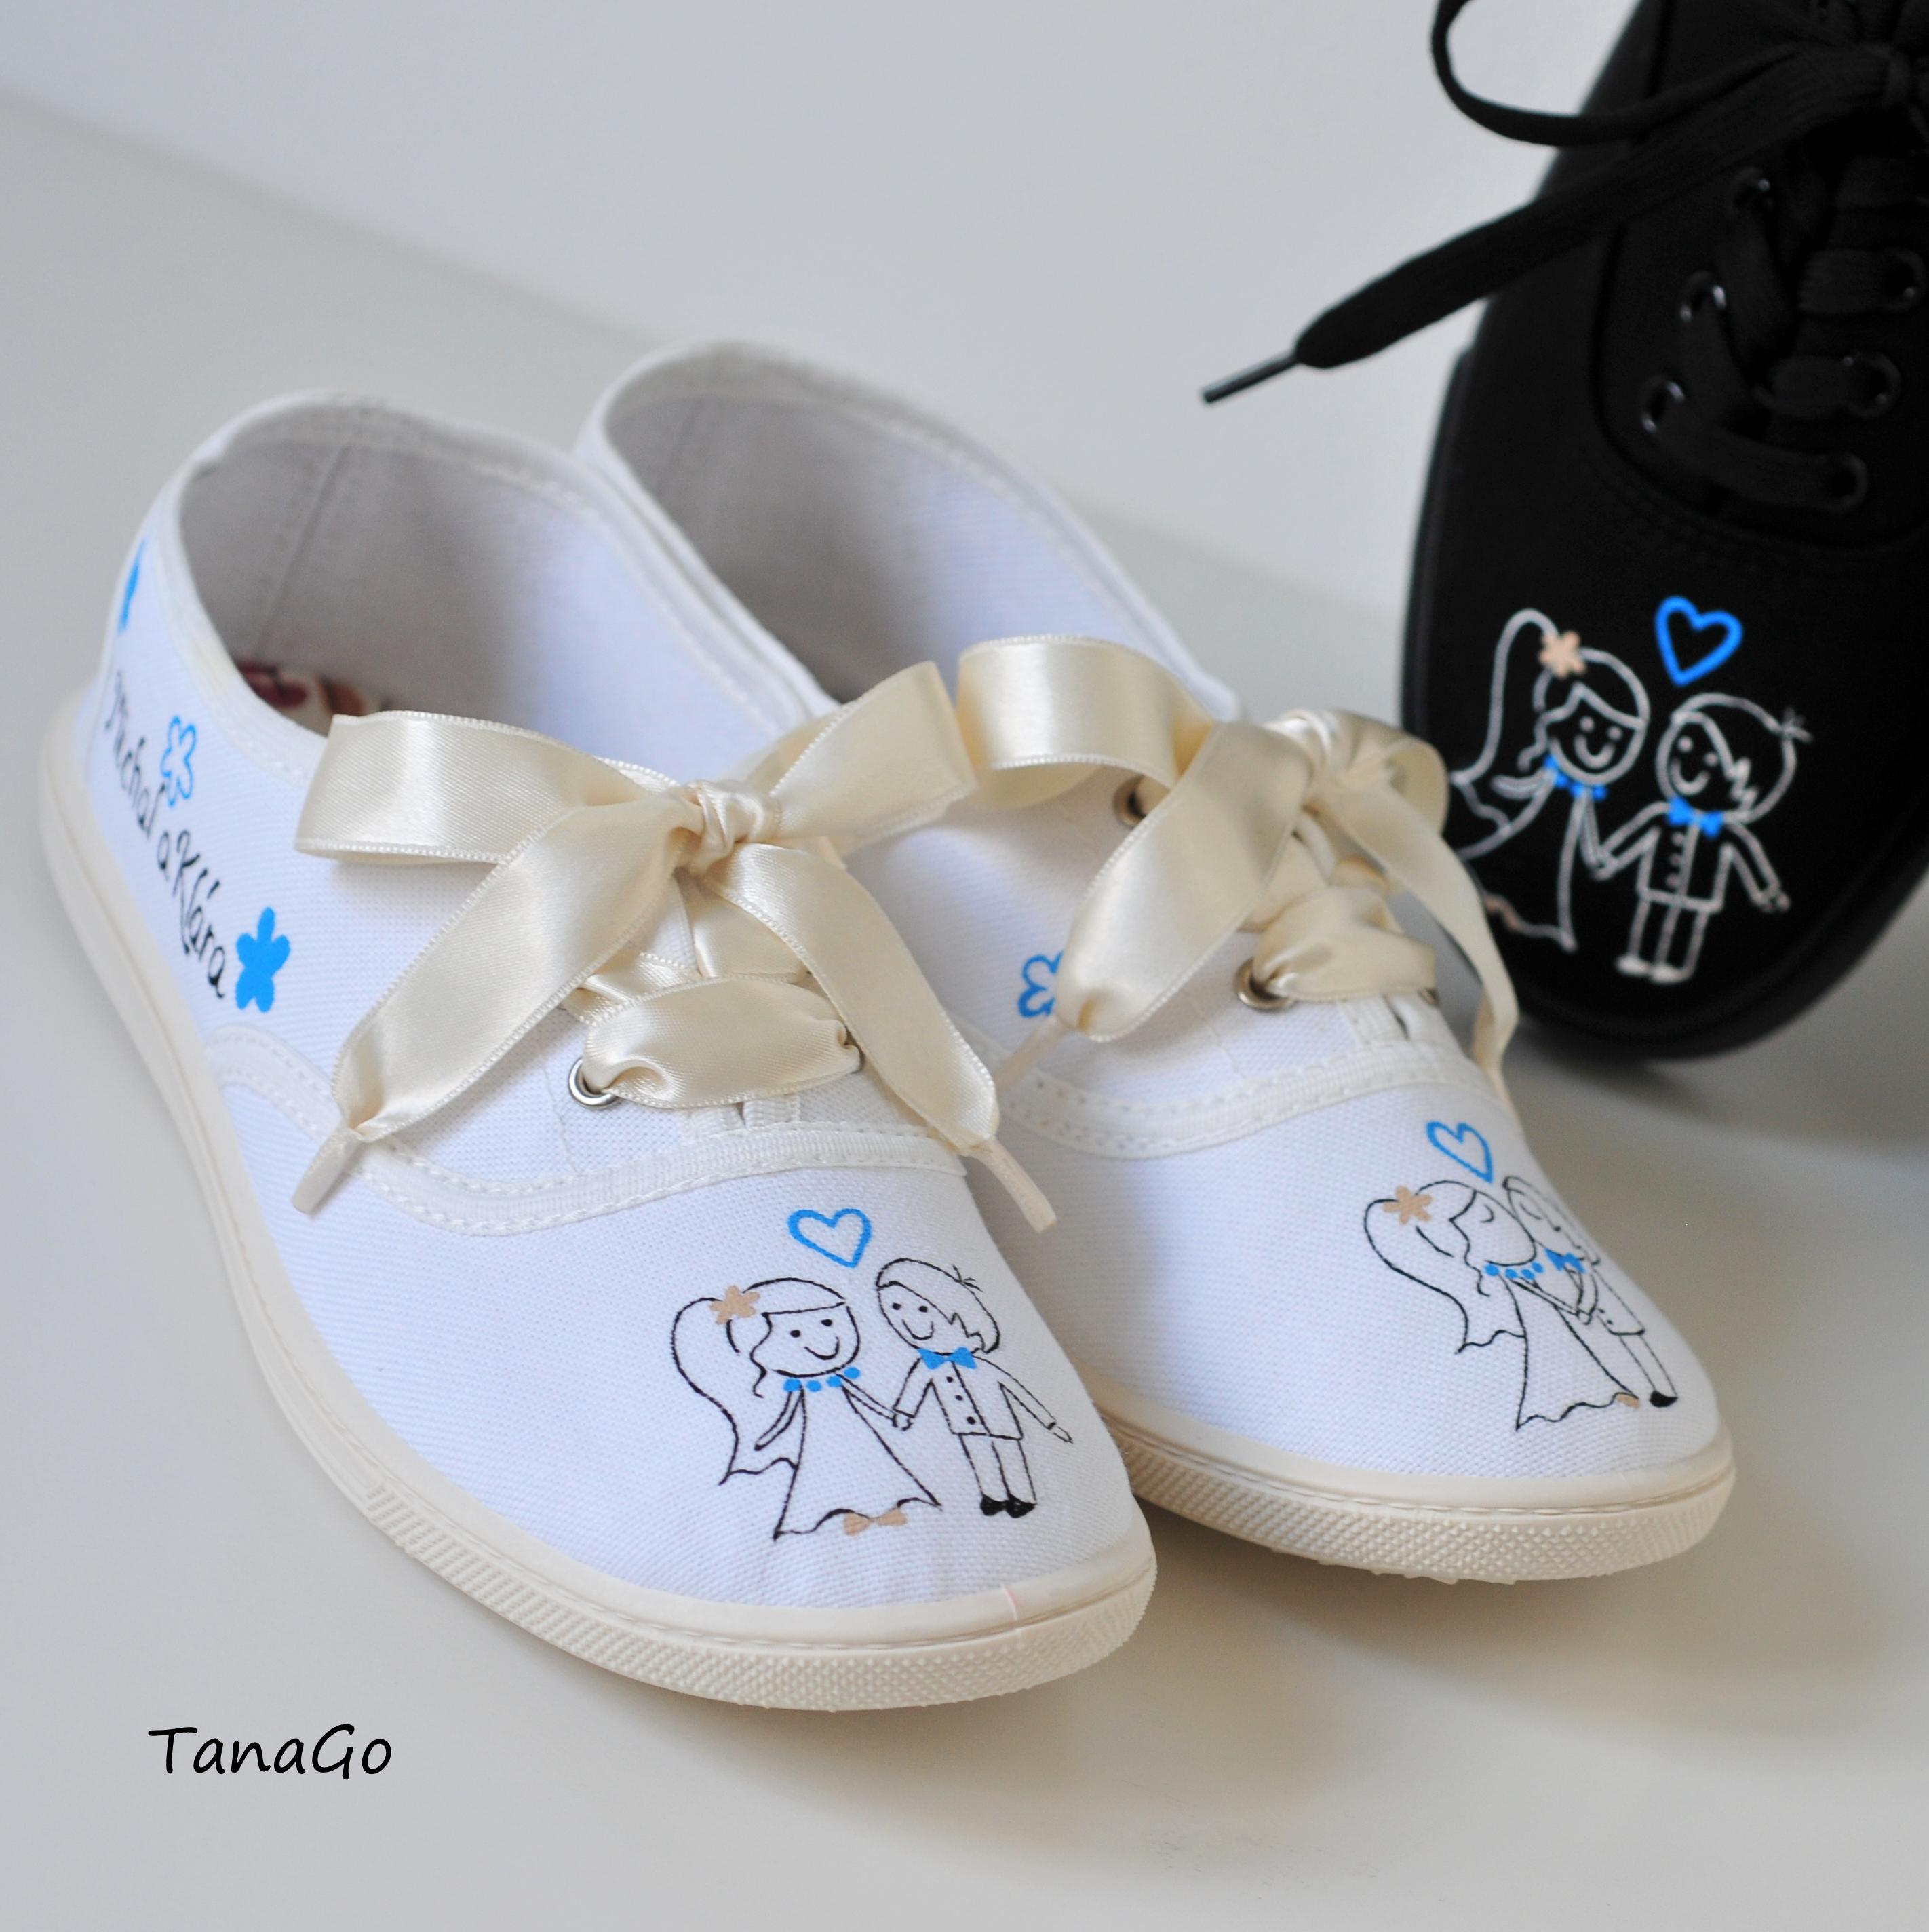 2ffd024c2f1 Svatební tenisky párové modrokrémové | TanaGo - malované boty ...